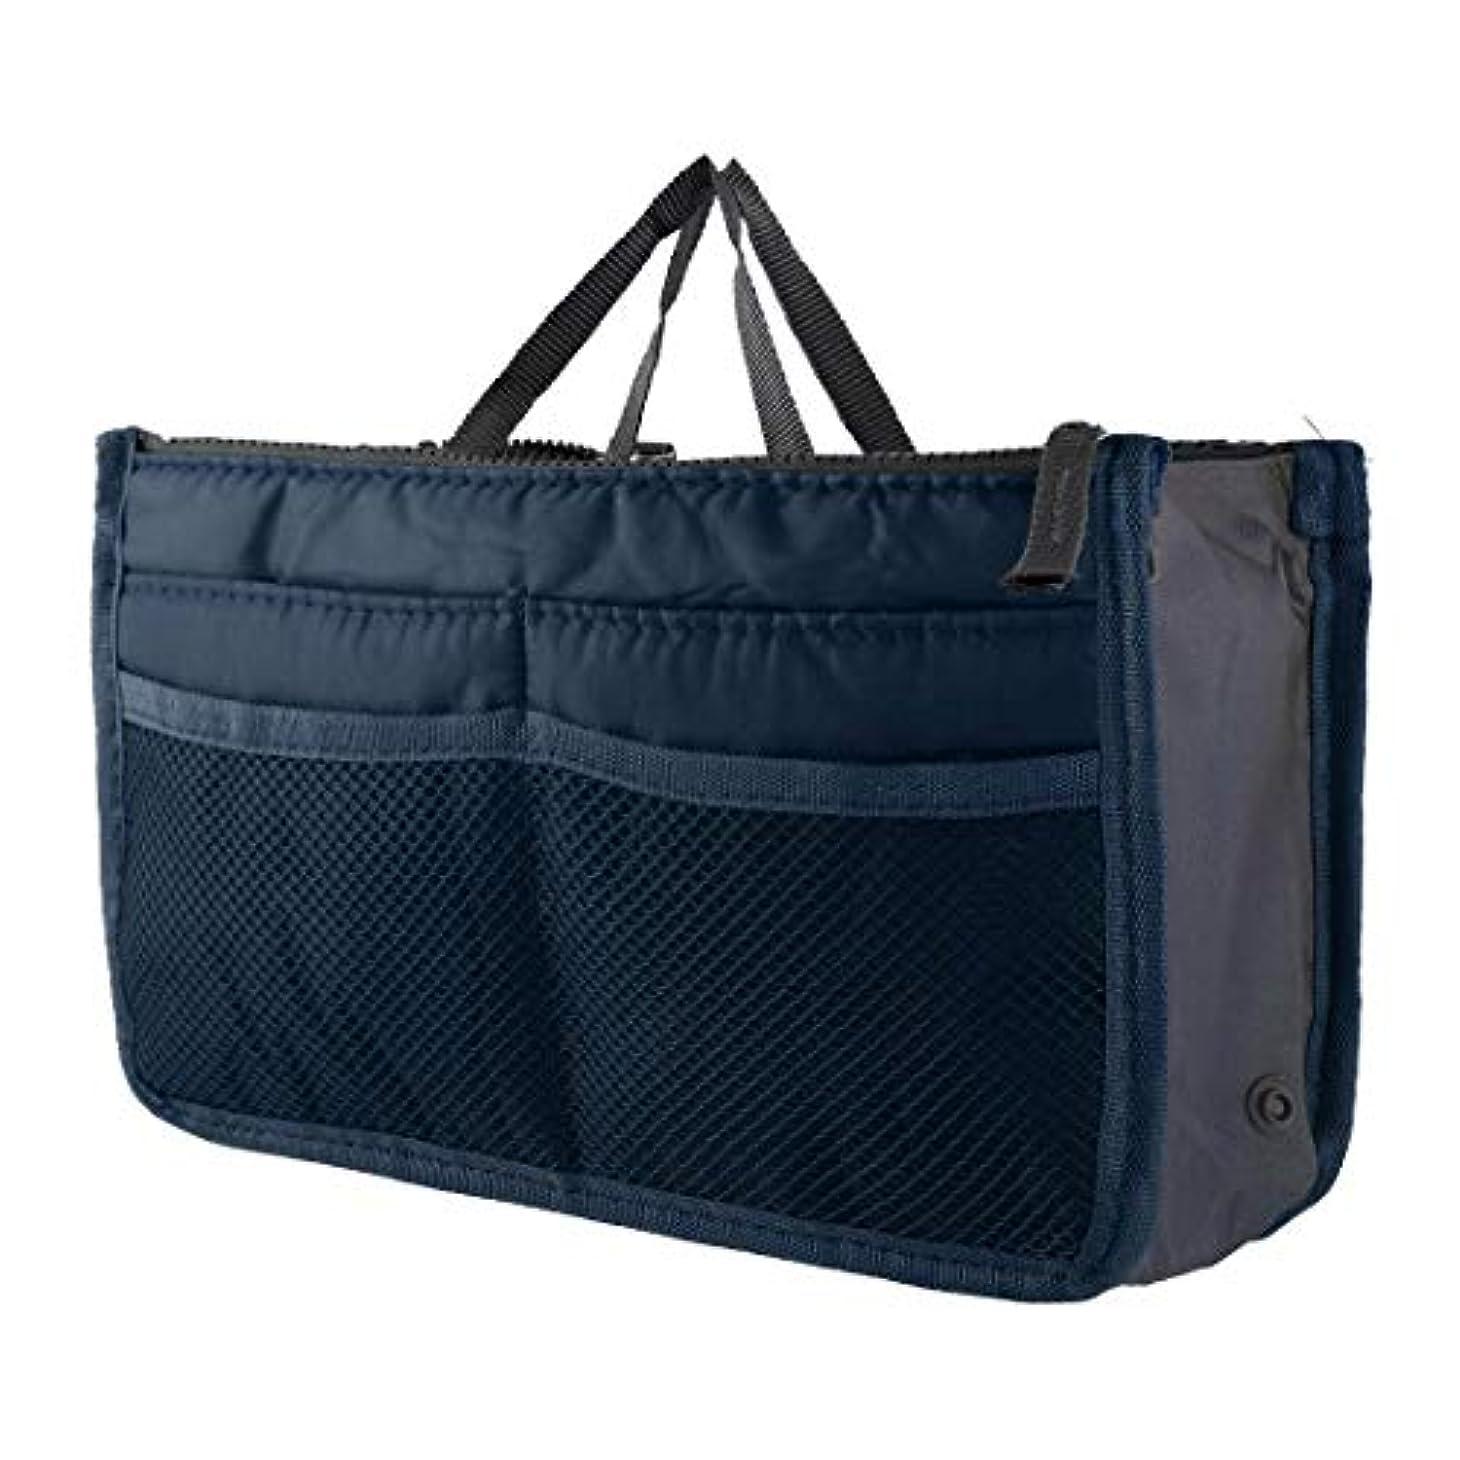 食事適応する冷凍庫FidgetGear Large Womens Wash Bag Toiletry Cosmetic Travel Make Up Handle Folding Organizer Navy Blue